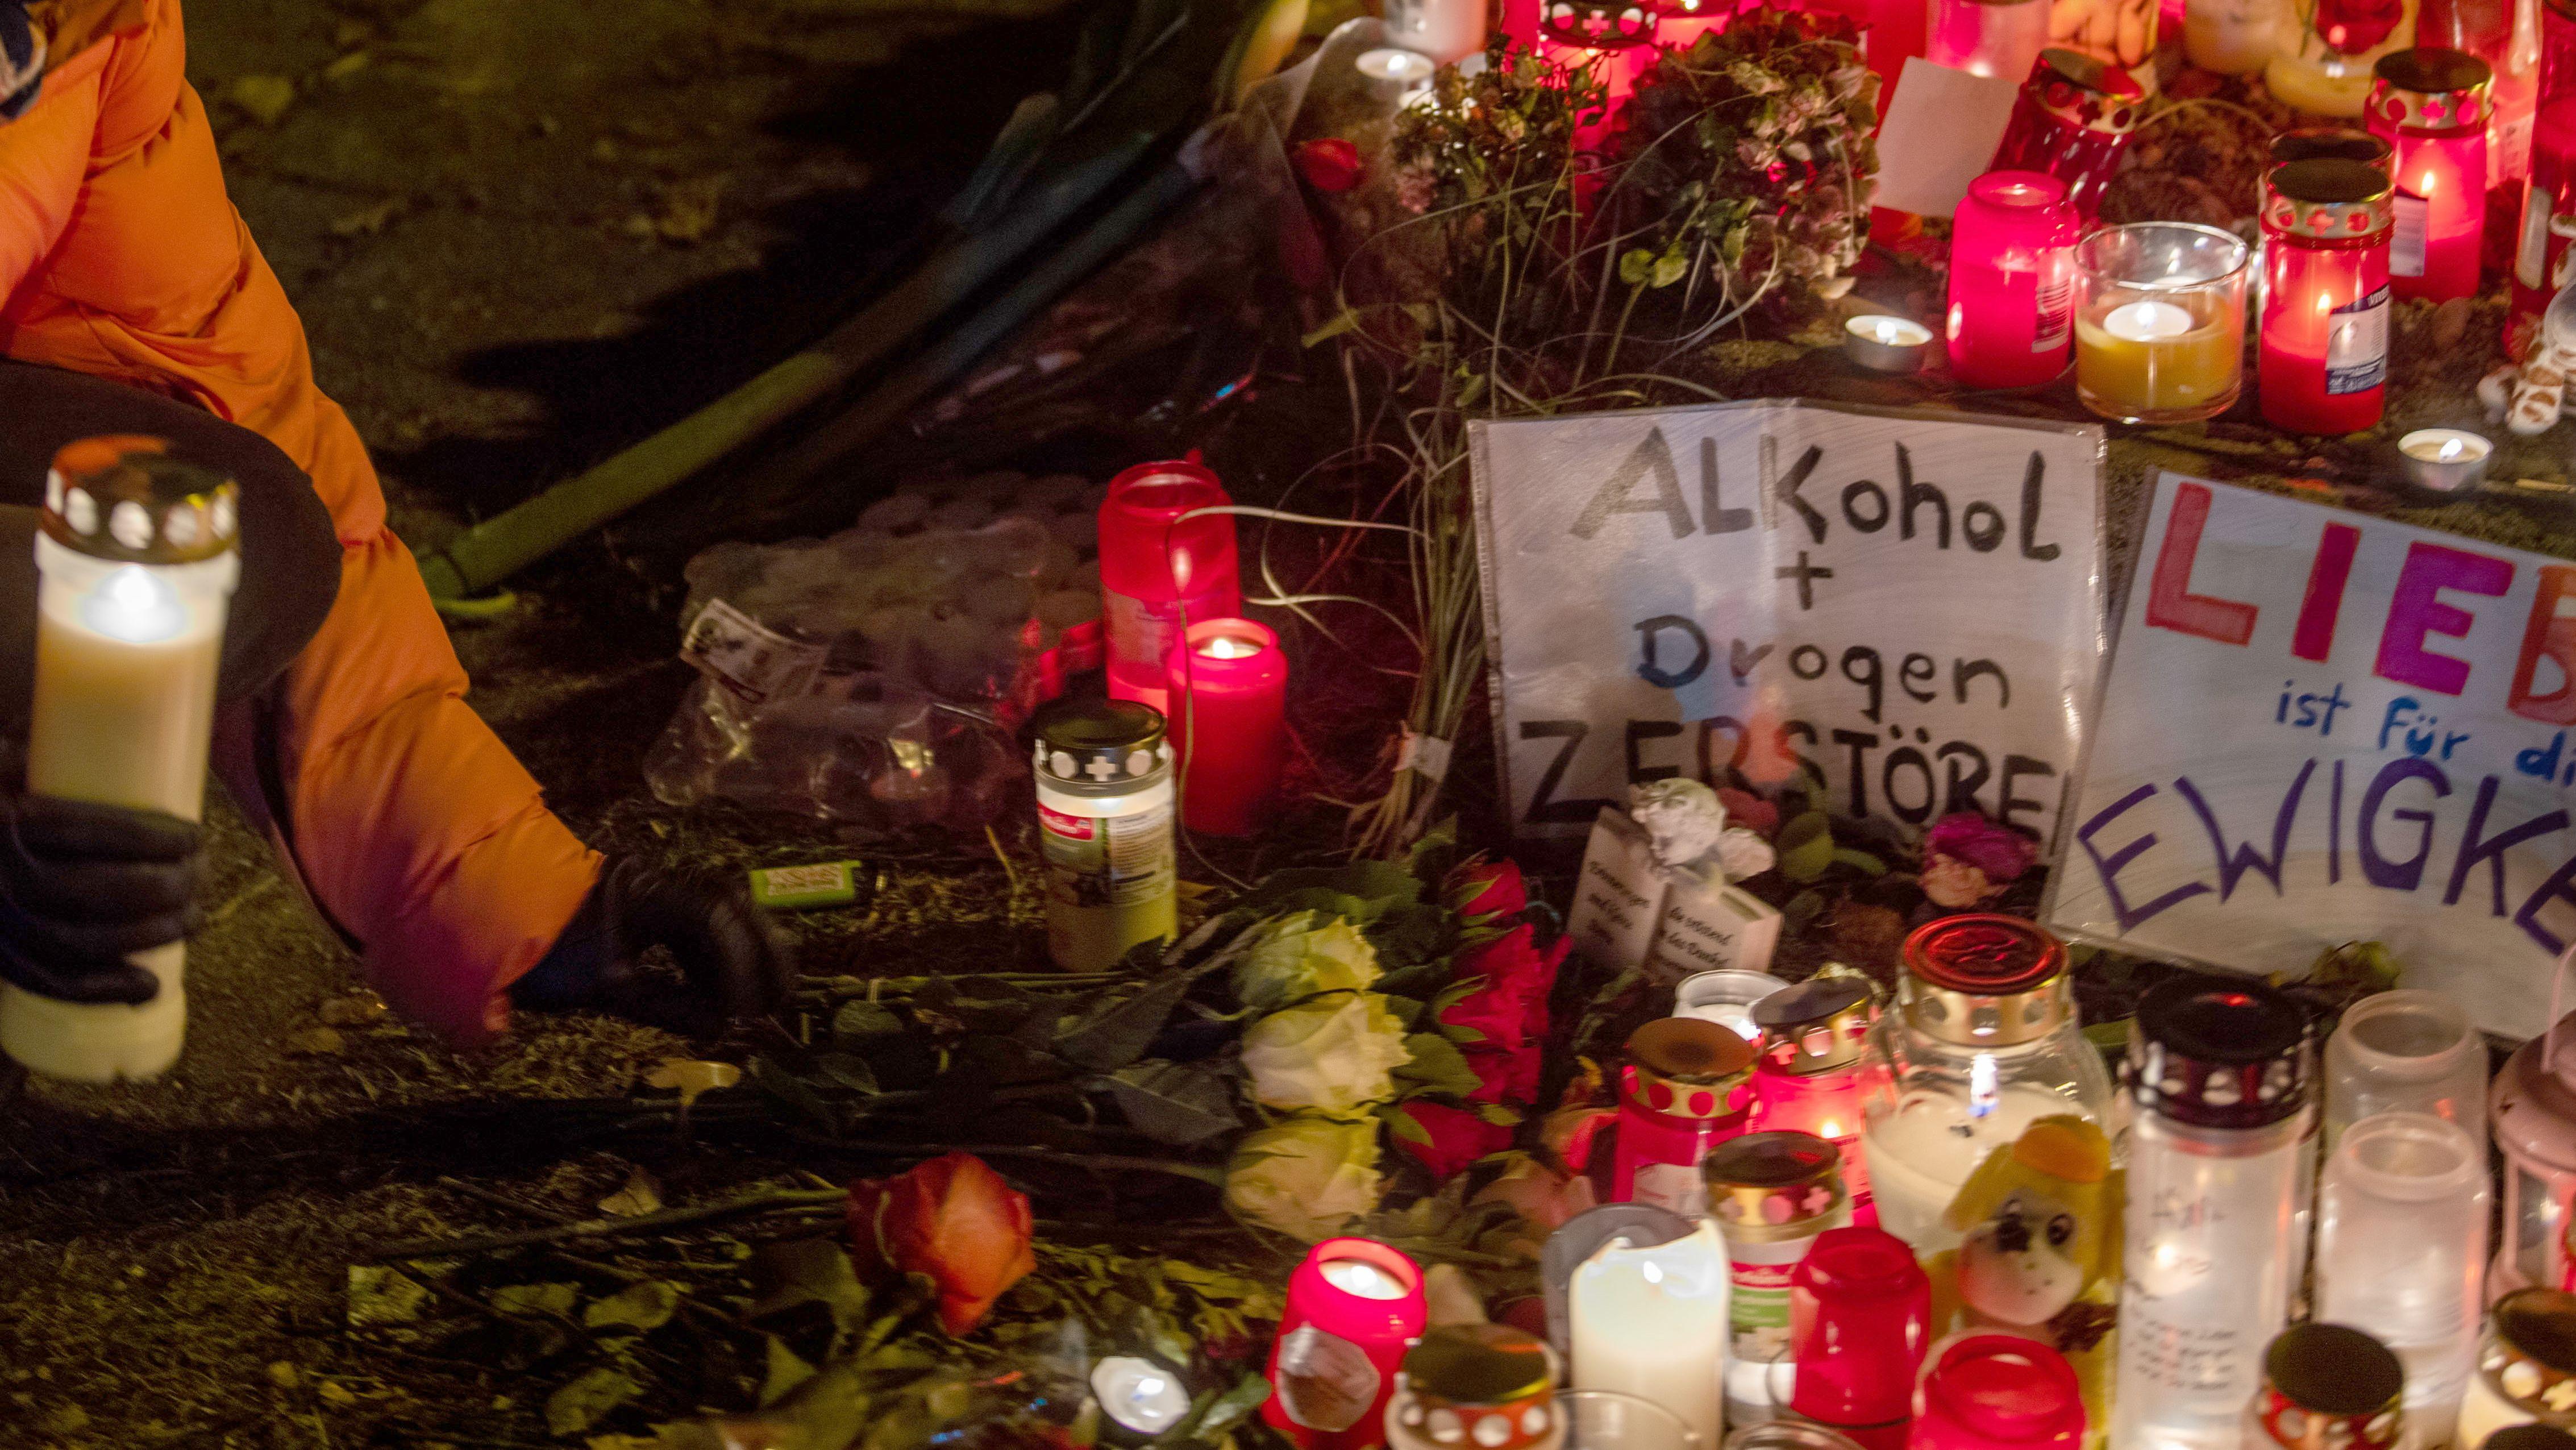 Kerzen stehen bei der Mahnwache für den bei dem Raserunfall getöteten jungen Mann an der Fürstenrieder Straße. Ein Raser hatte den 14-Jährigen mit seinem Auto erfasst.